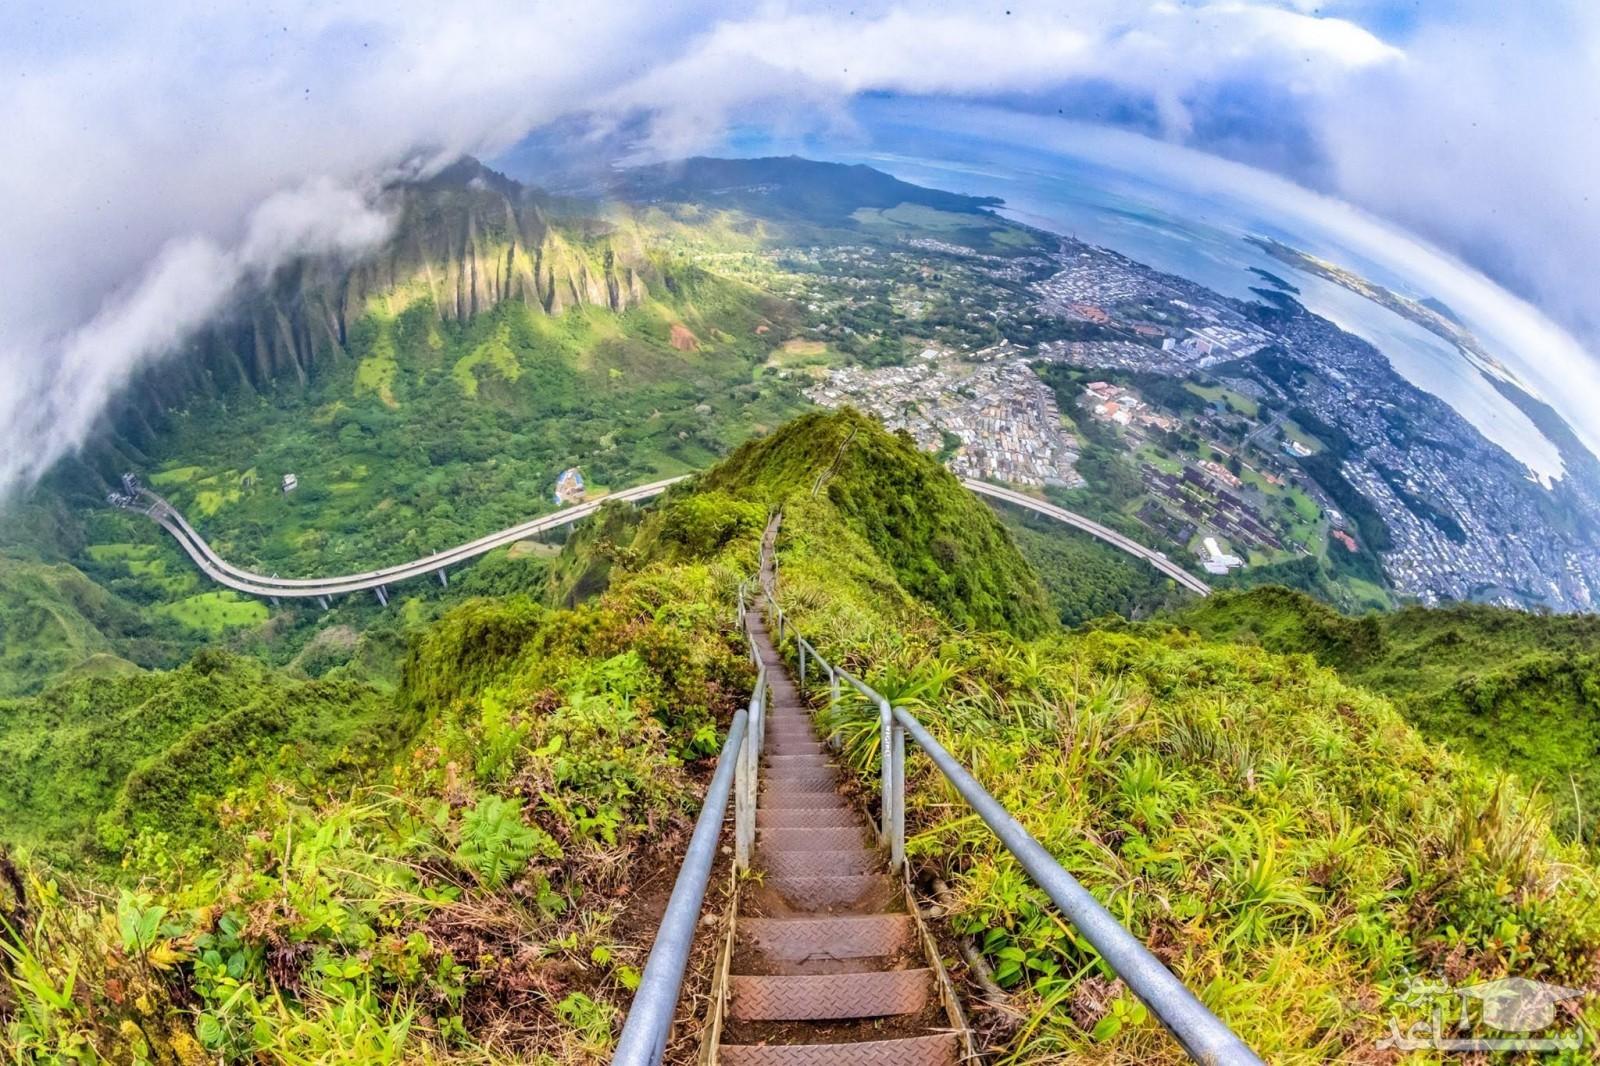 (عکس) 8 پله بزرگ عجیب در نوک کوه به سمت بهشت